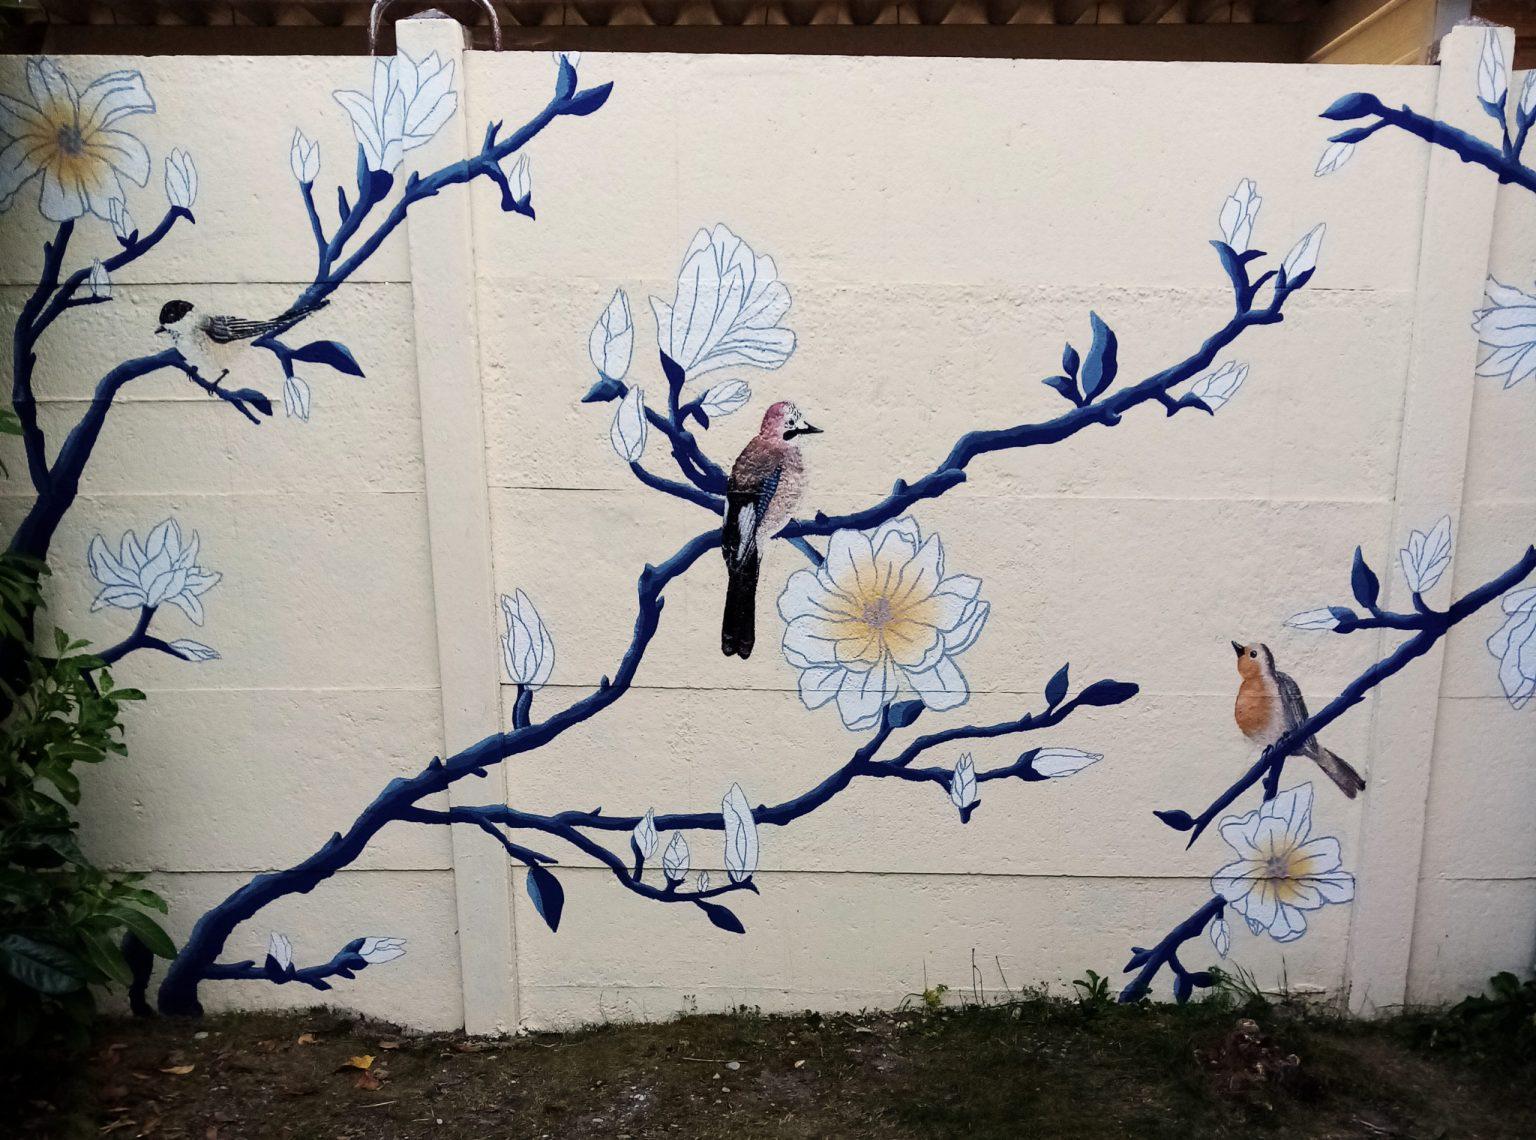 Fresque murale Oiseaux et Fleurs inspiration estampe japonaise. Assilem décors, peintre en décor Bordeaux, décoration intérieure, peinture décorative